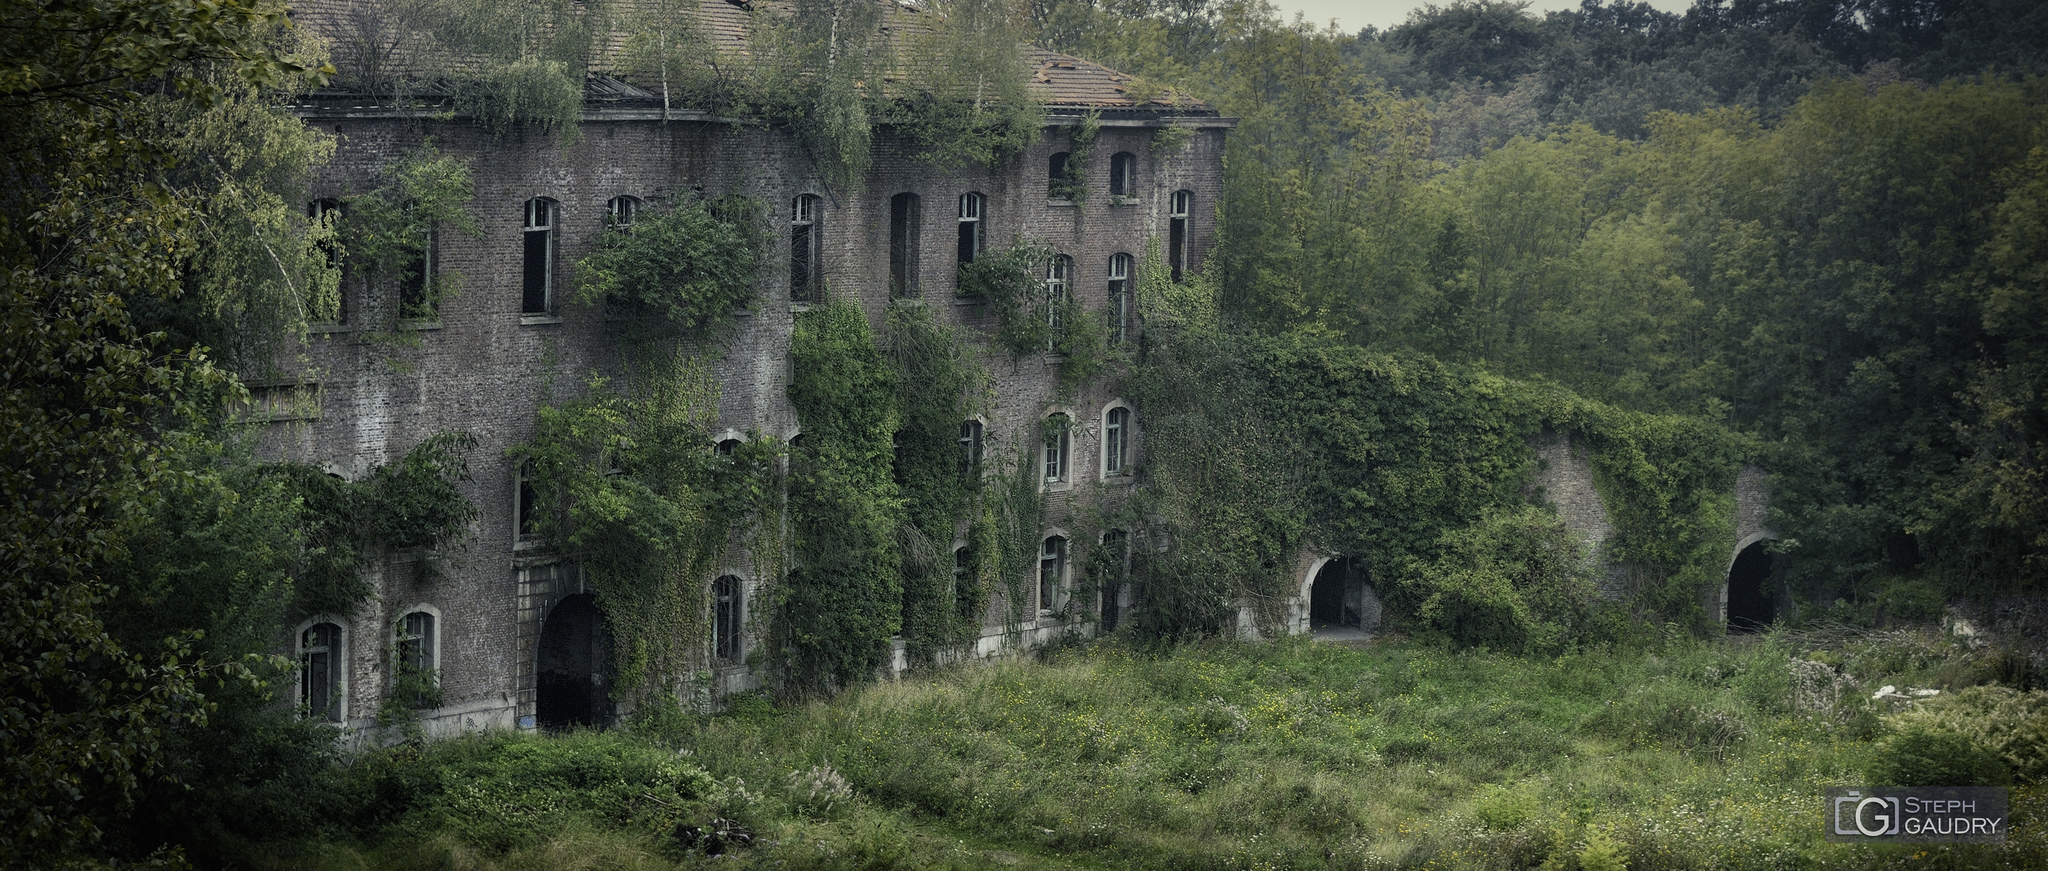 Le fort de la Chartreuse [Click to start slideshow]